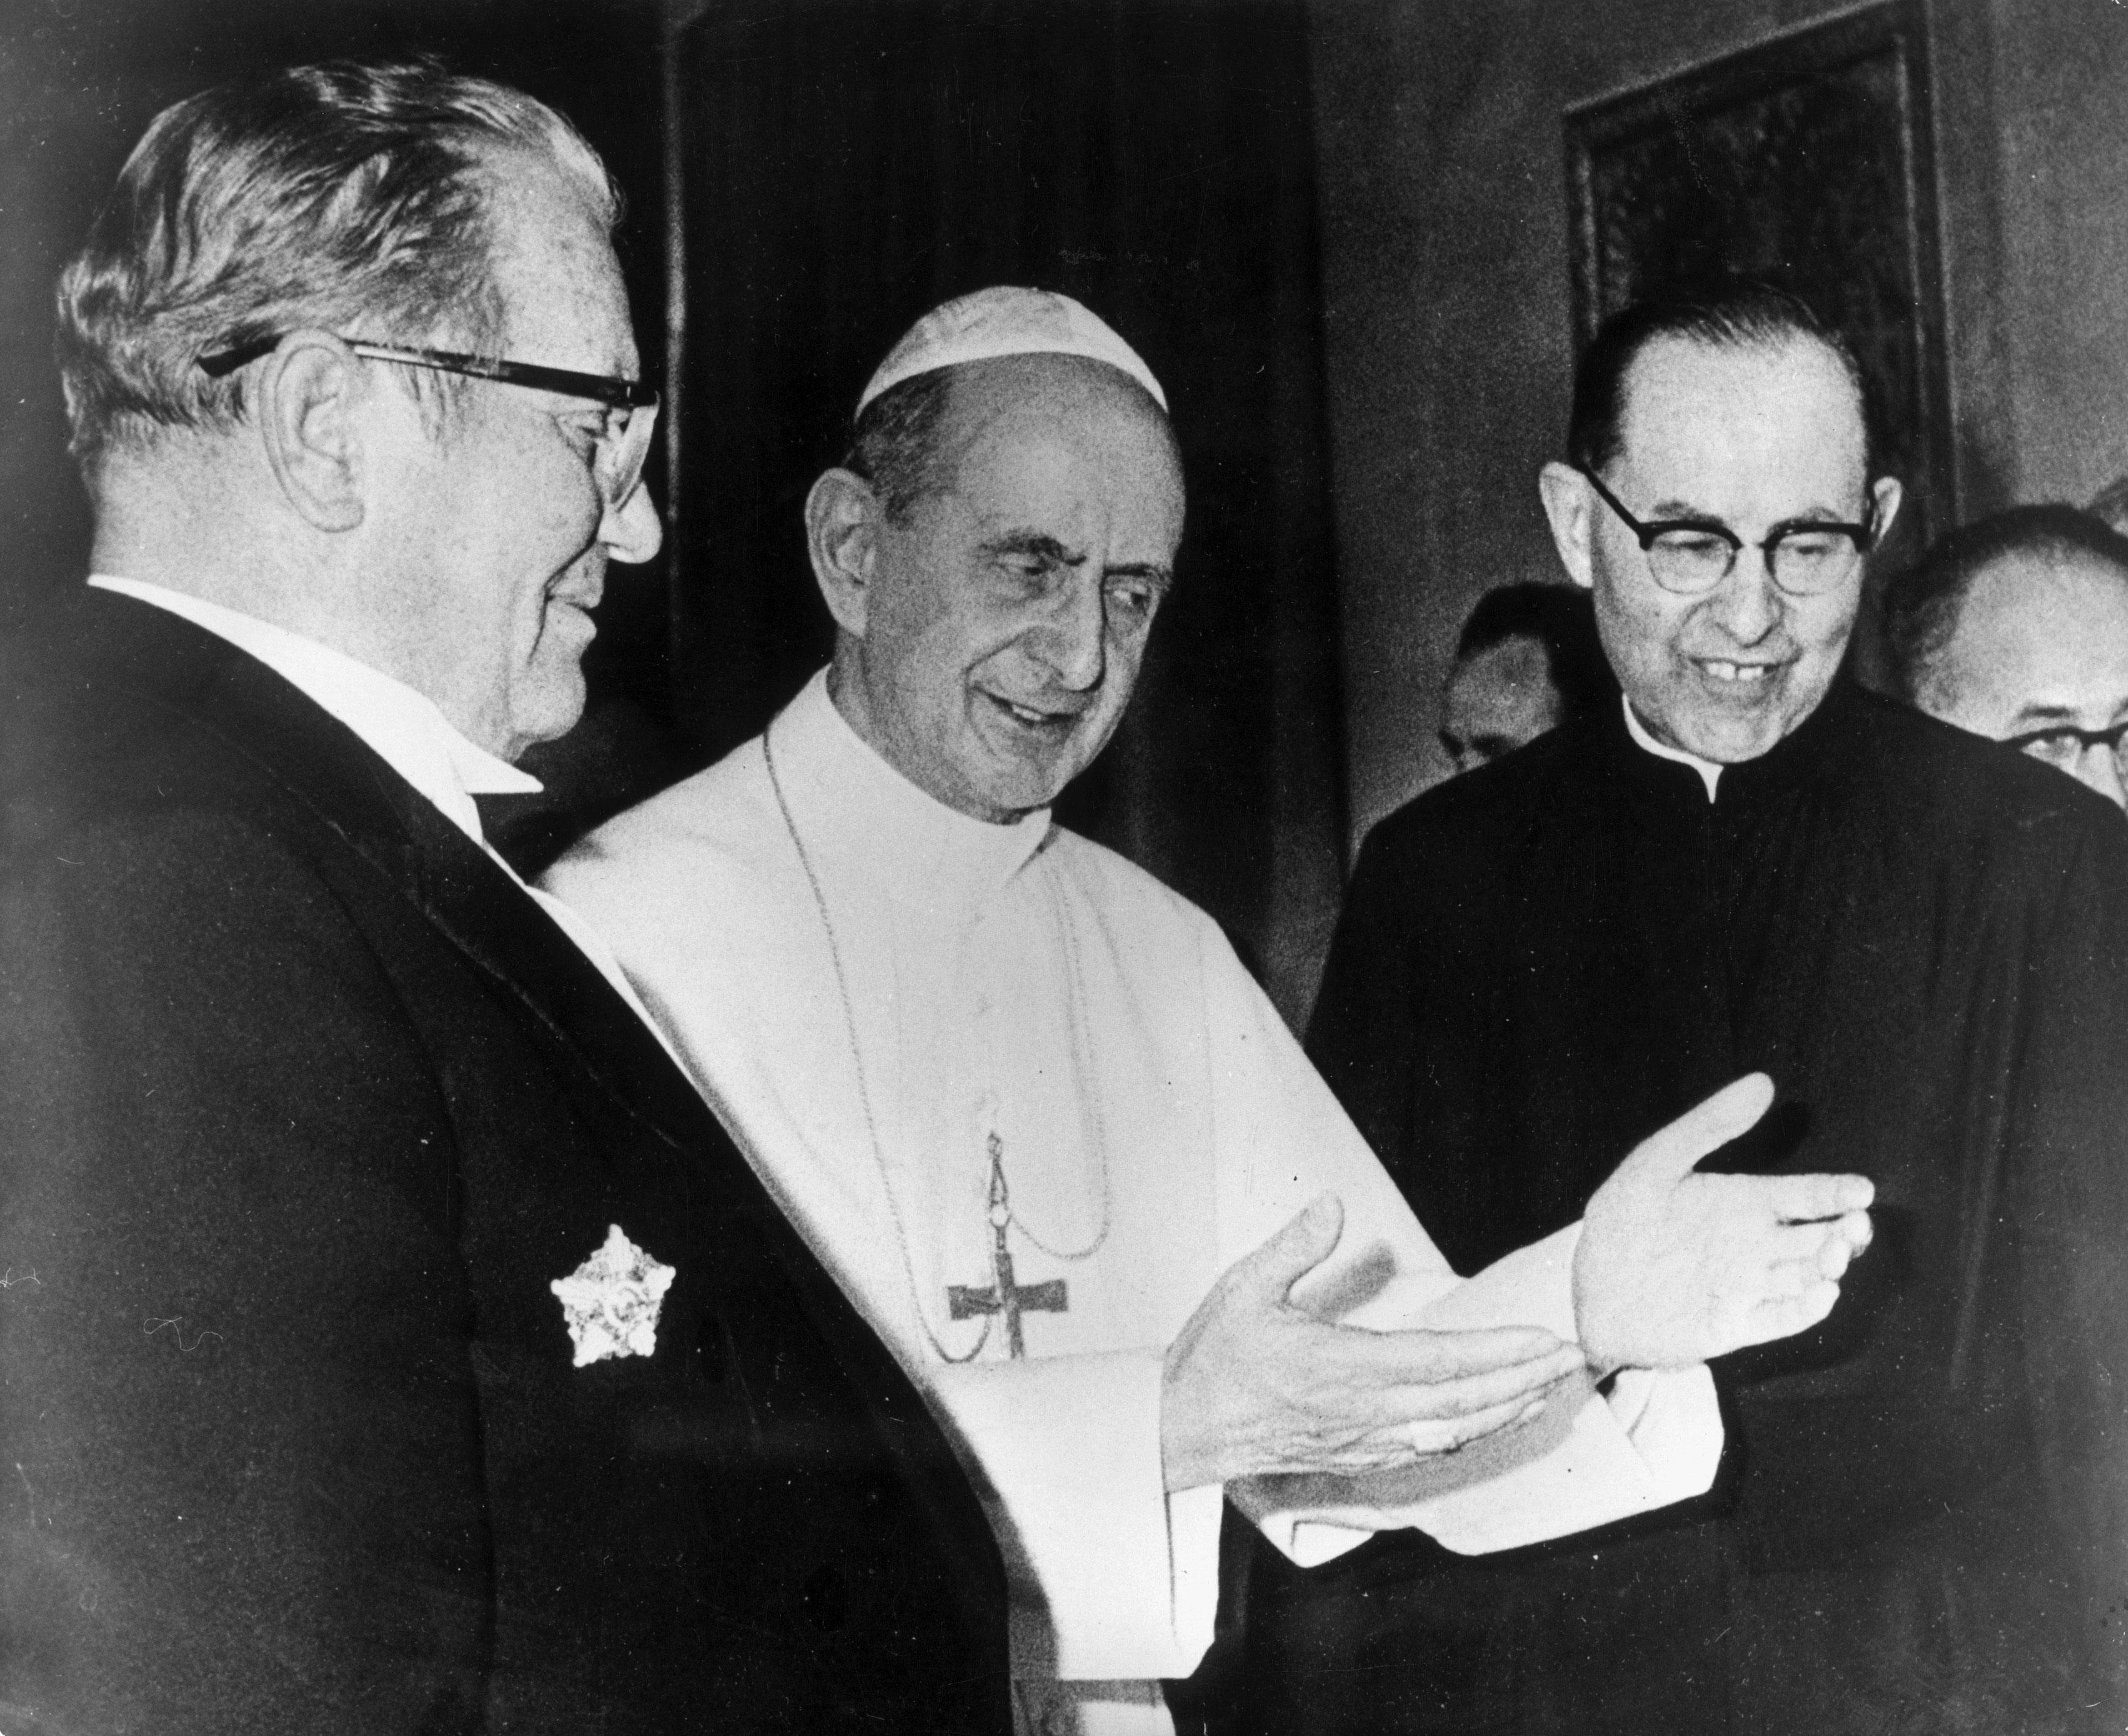 Vrhunac zatopljavanja odnosa između Jugoslavije i Svete Stolice bio je susret poglavara Katoličke crkve i Josipa Broza Tita 1971. godine u Vatikanu